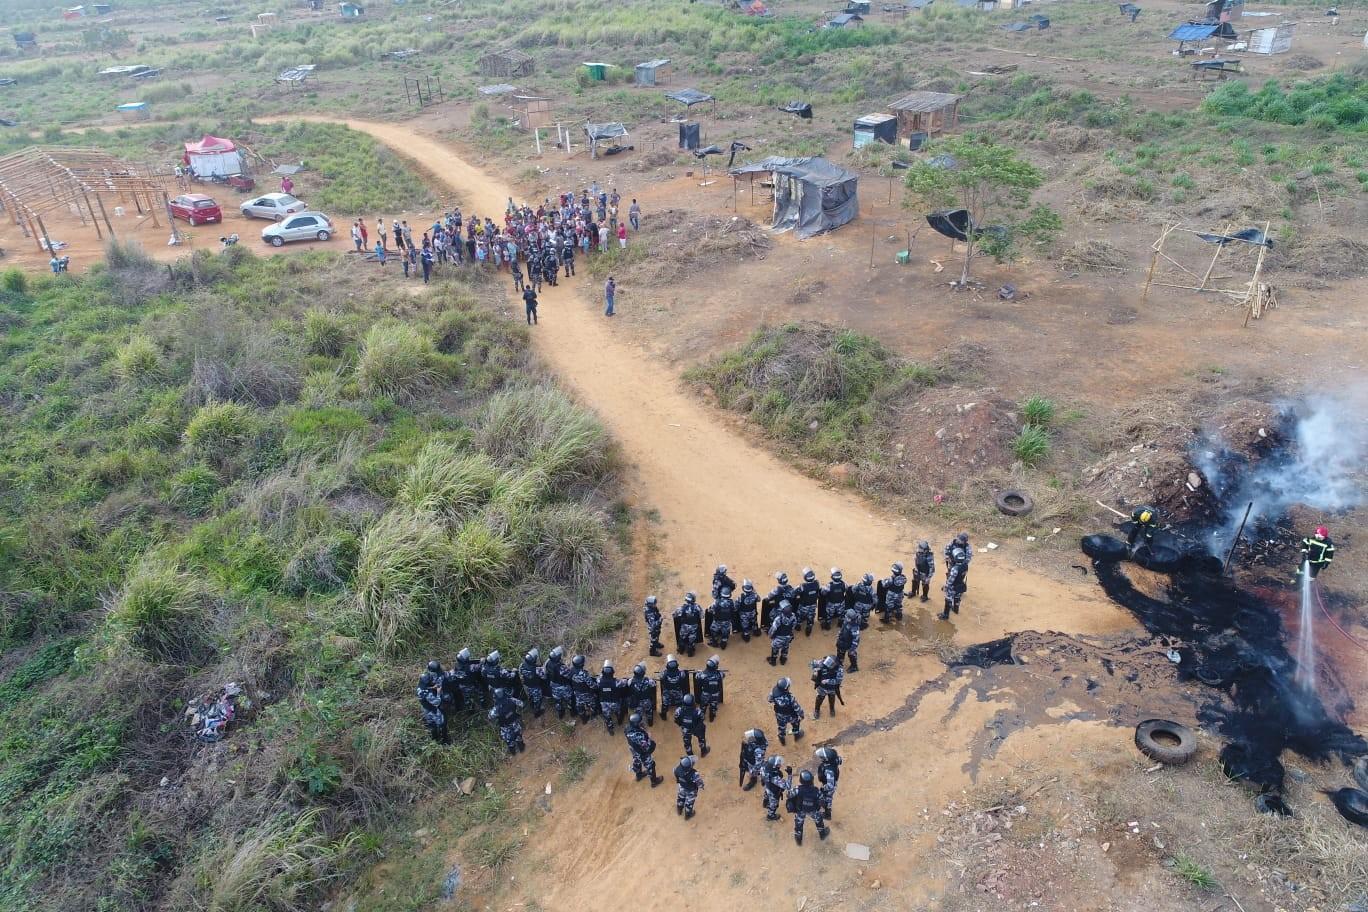 Operação policial retira 200 pessoas de área ocupada em Parauapebas, no PA